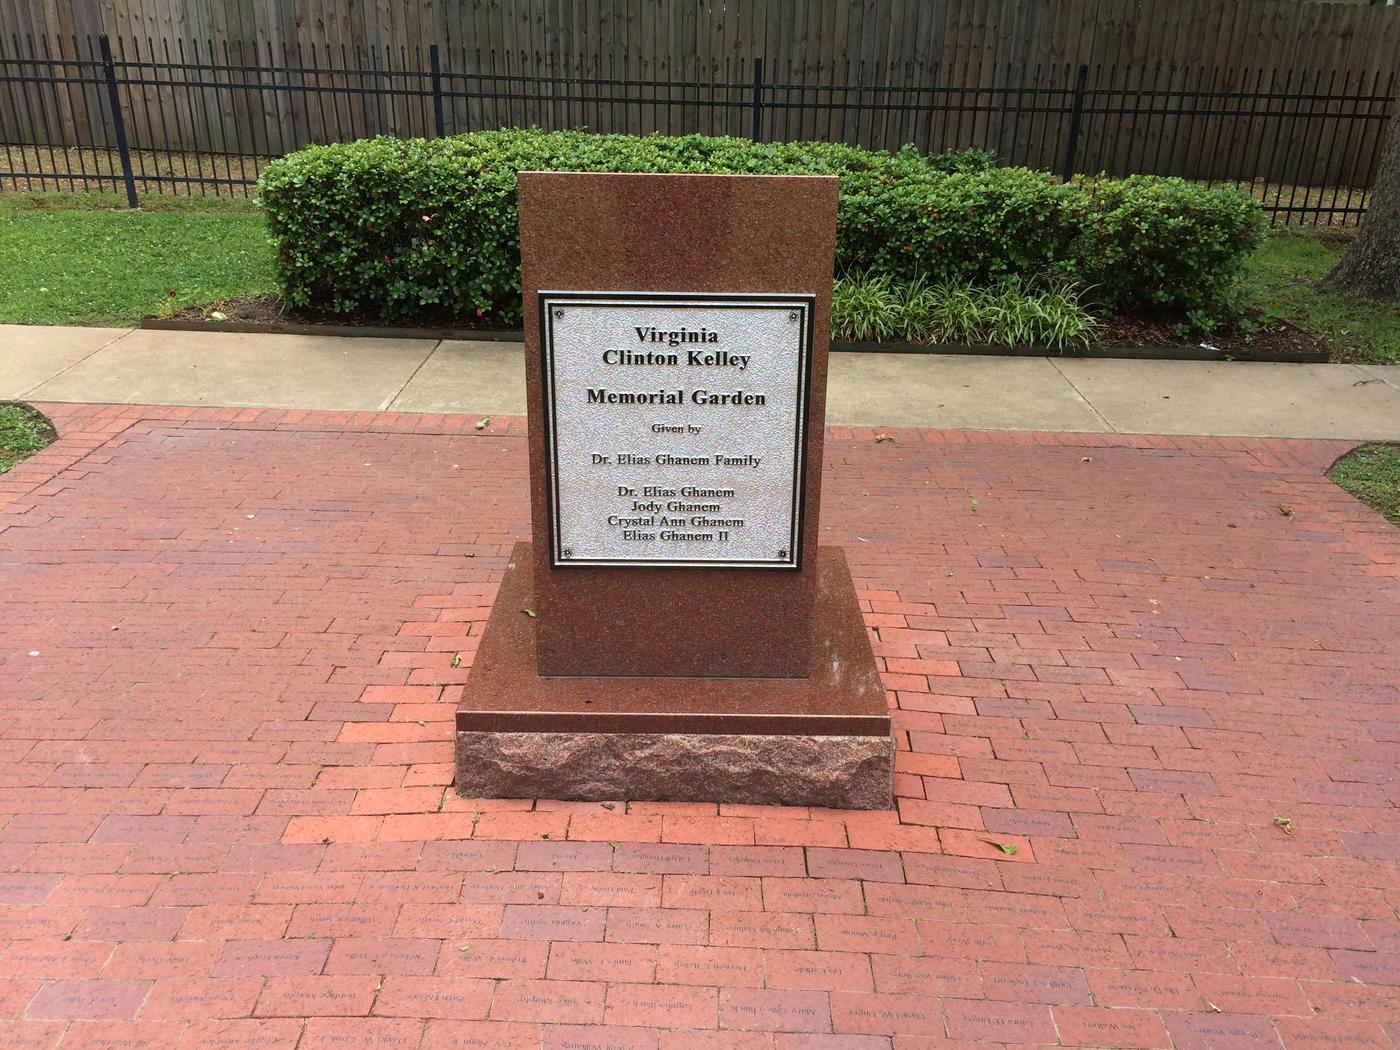 Memorial GardenMemorial garden for his mother, Virginia